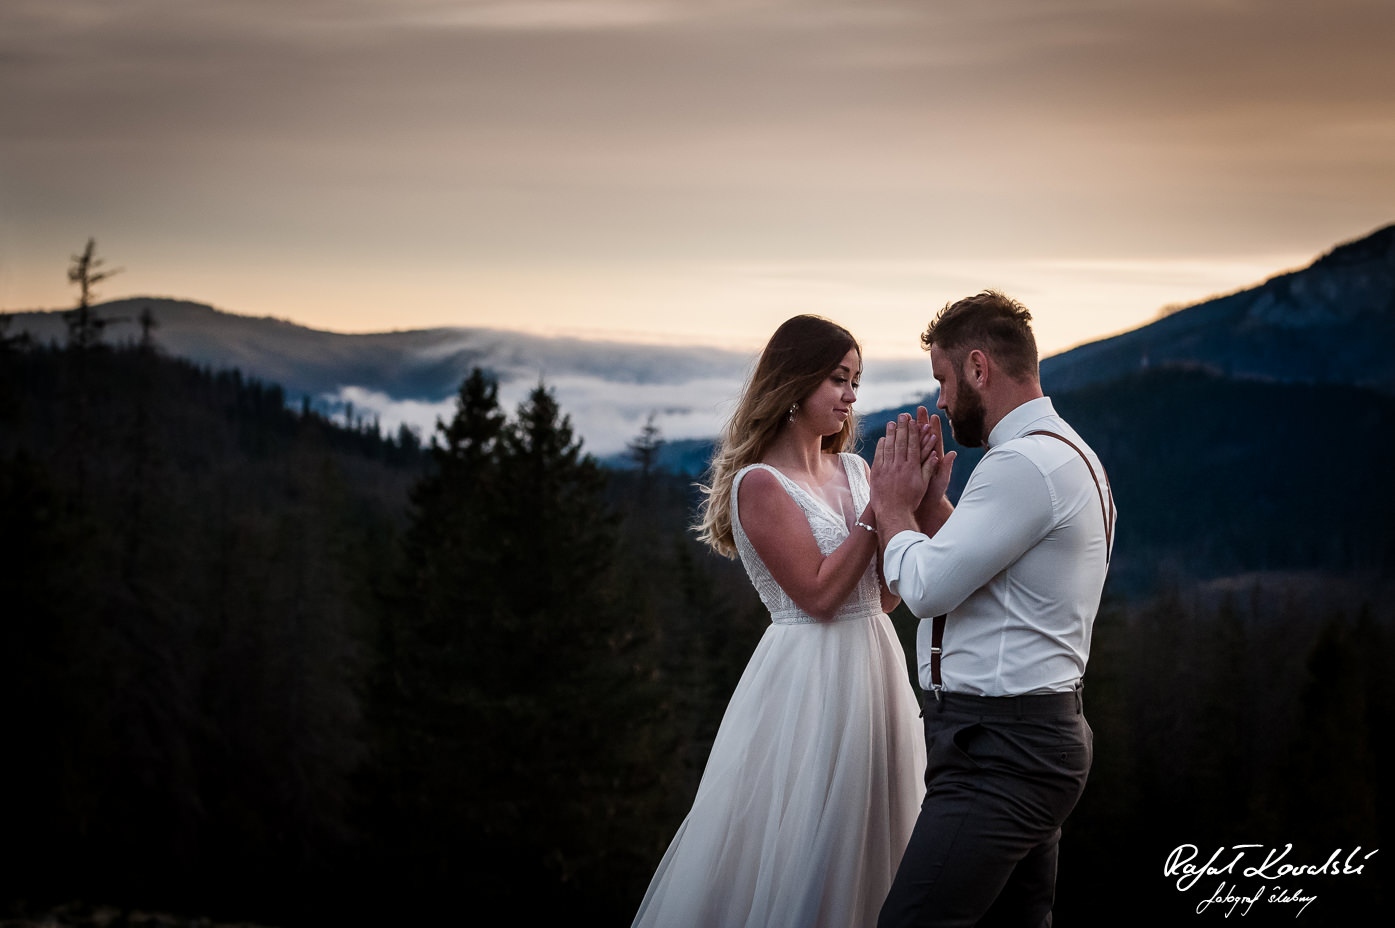 Sesja ślubna w Tatrach - dobrze jeśli jest ktoś, kto ogrzeje zmarznięte dłonie